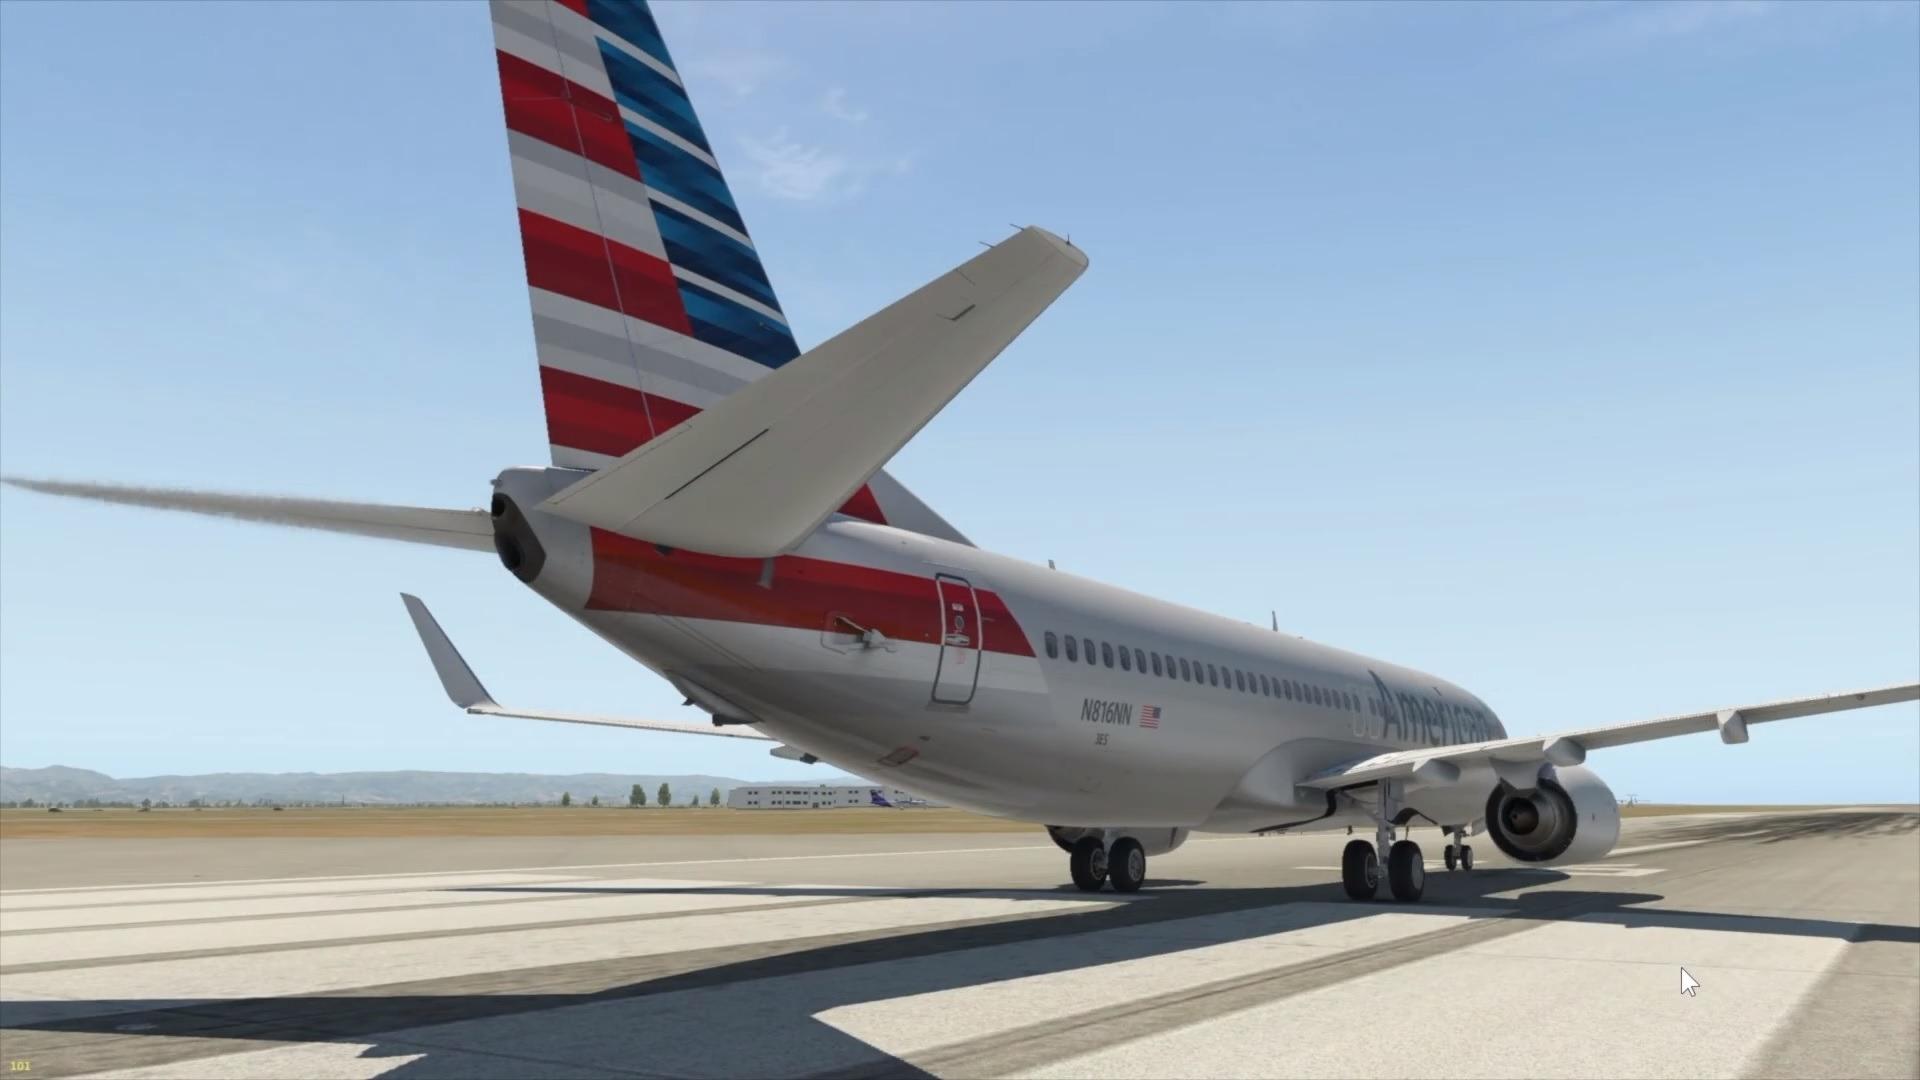 737 X Plane 11